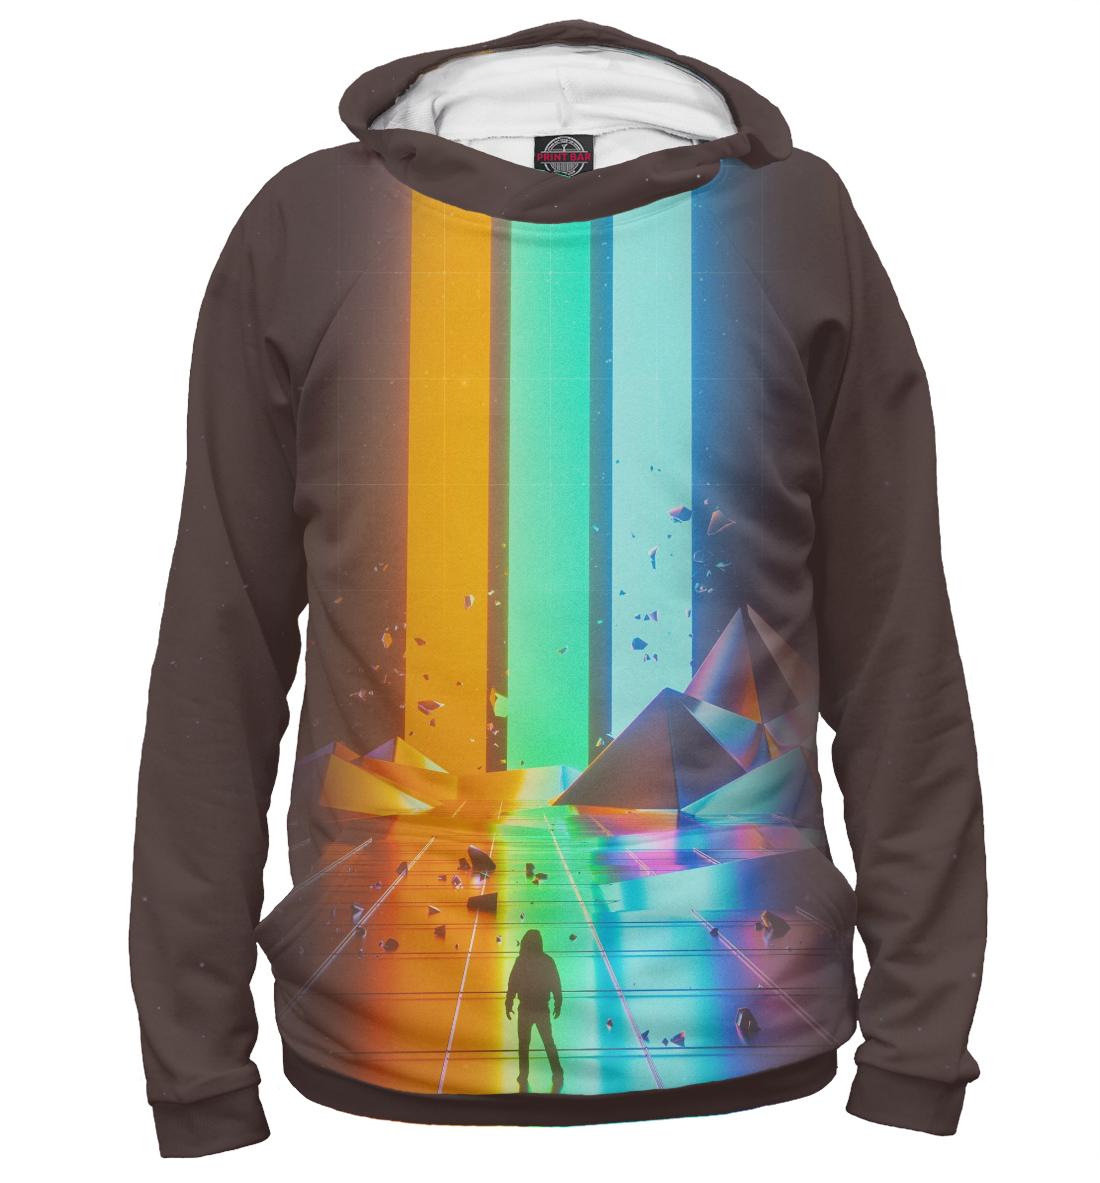 Купить Imagine Dragons Believer, Printbar, Худи, IMA-419549-hud-2